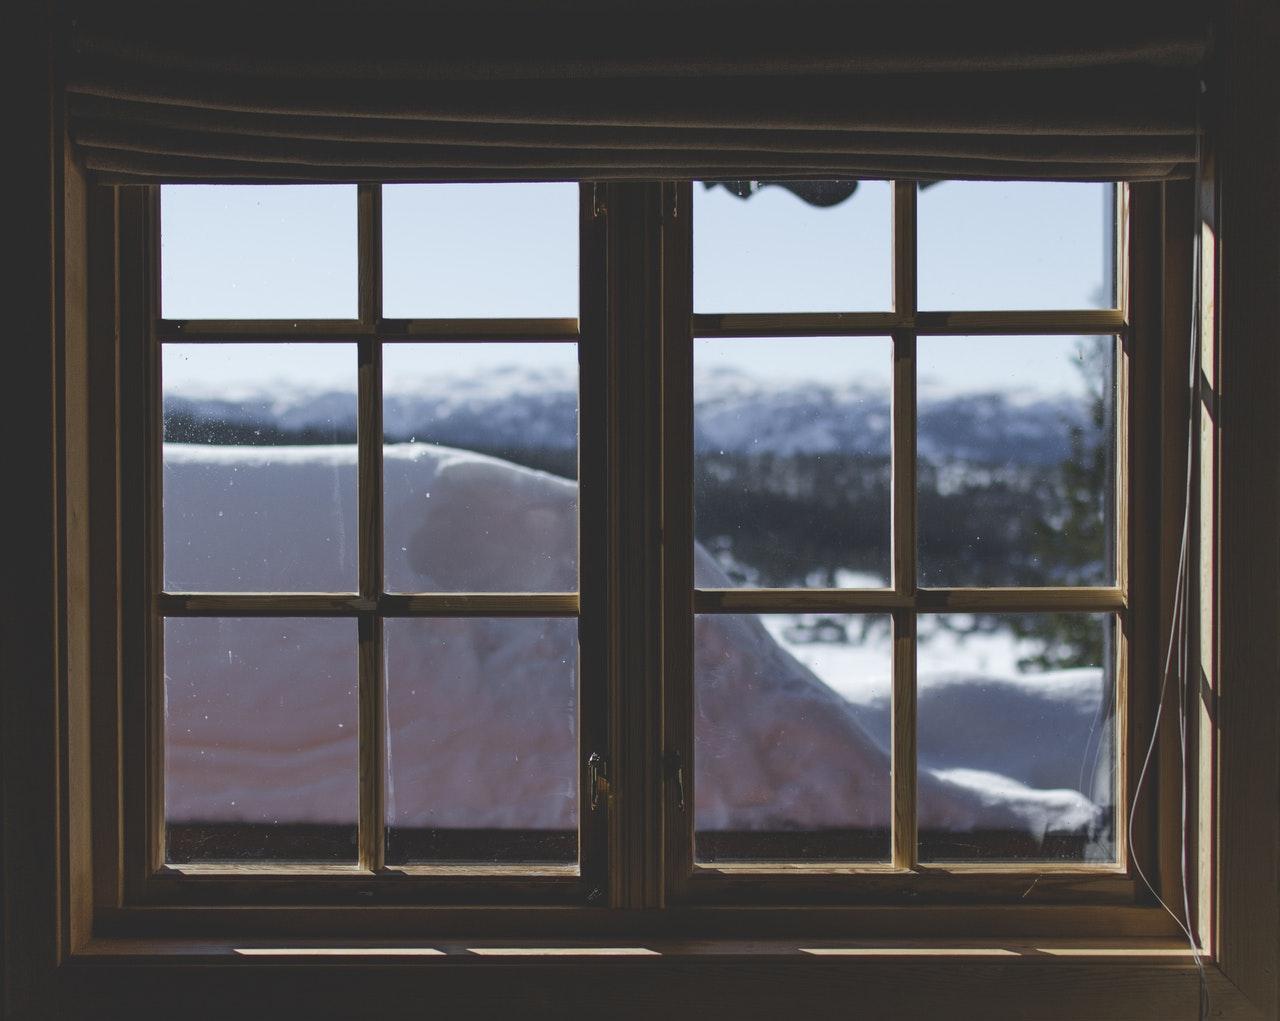 Come Montare Un Controtelaio controtelaio finestra: sì o no? prezzi e tipologie